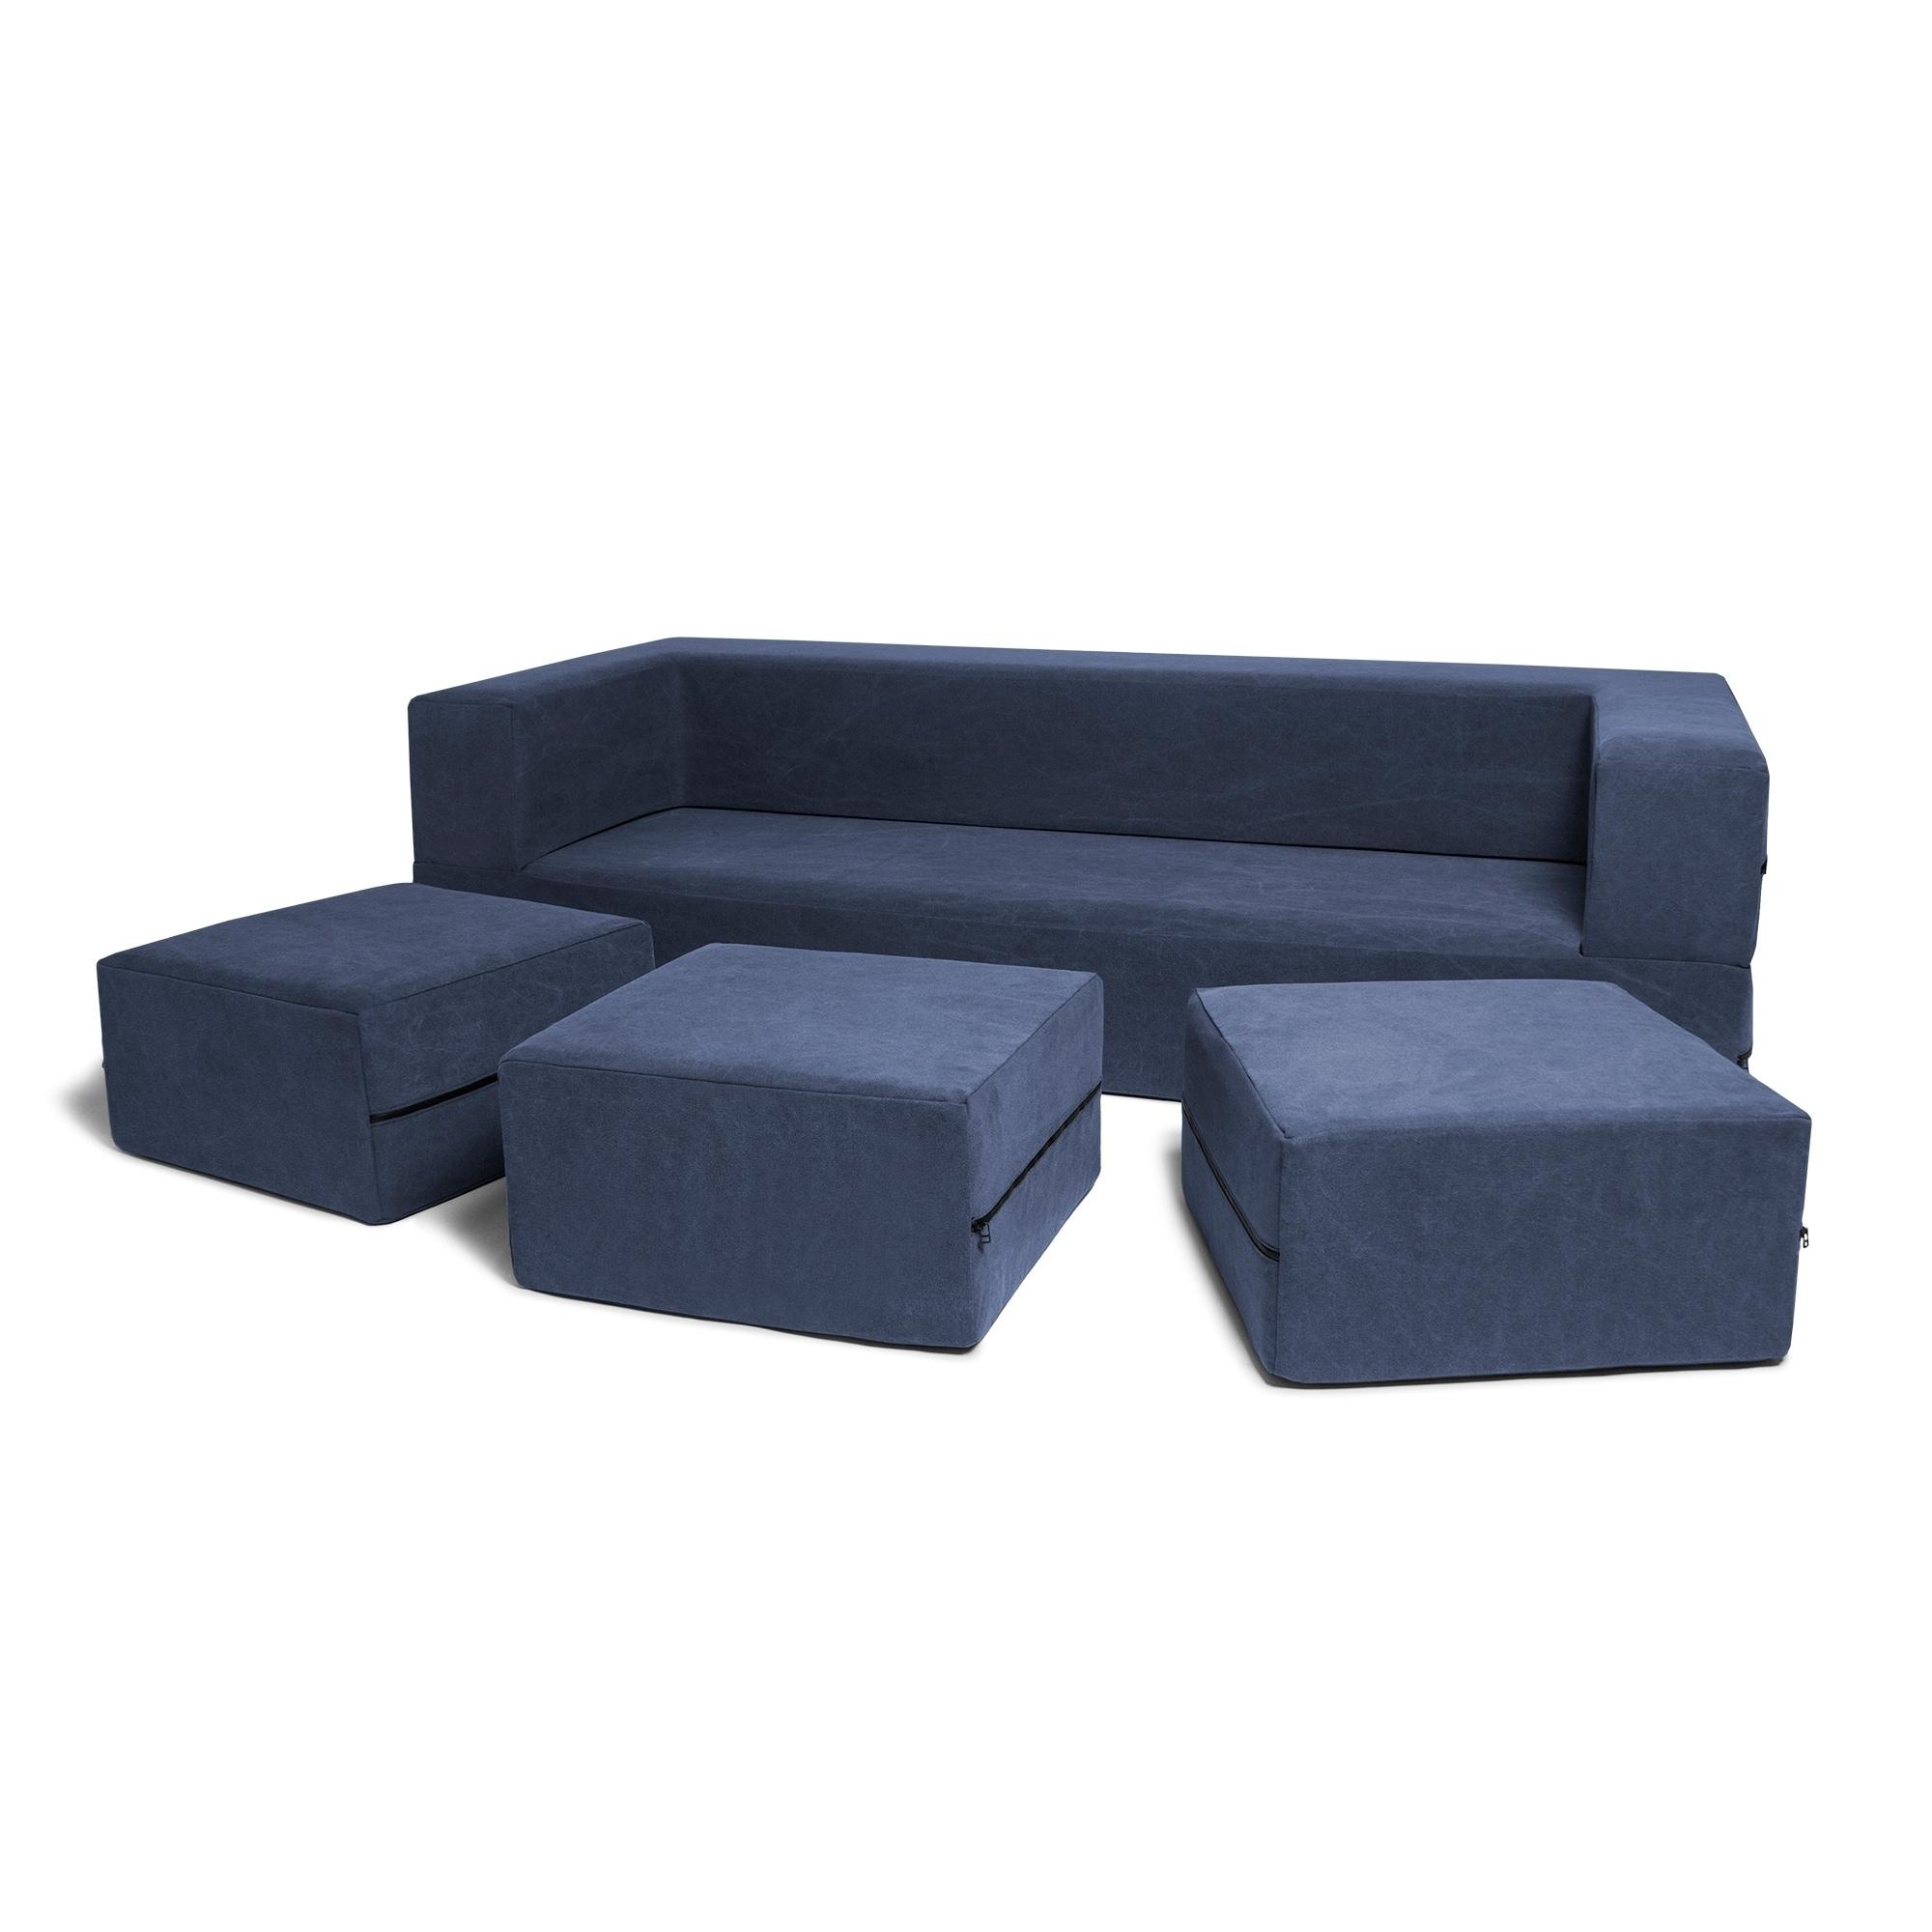 California King Sleeper Sofa